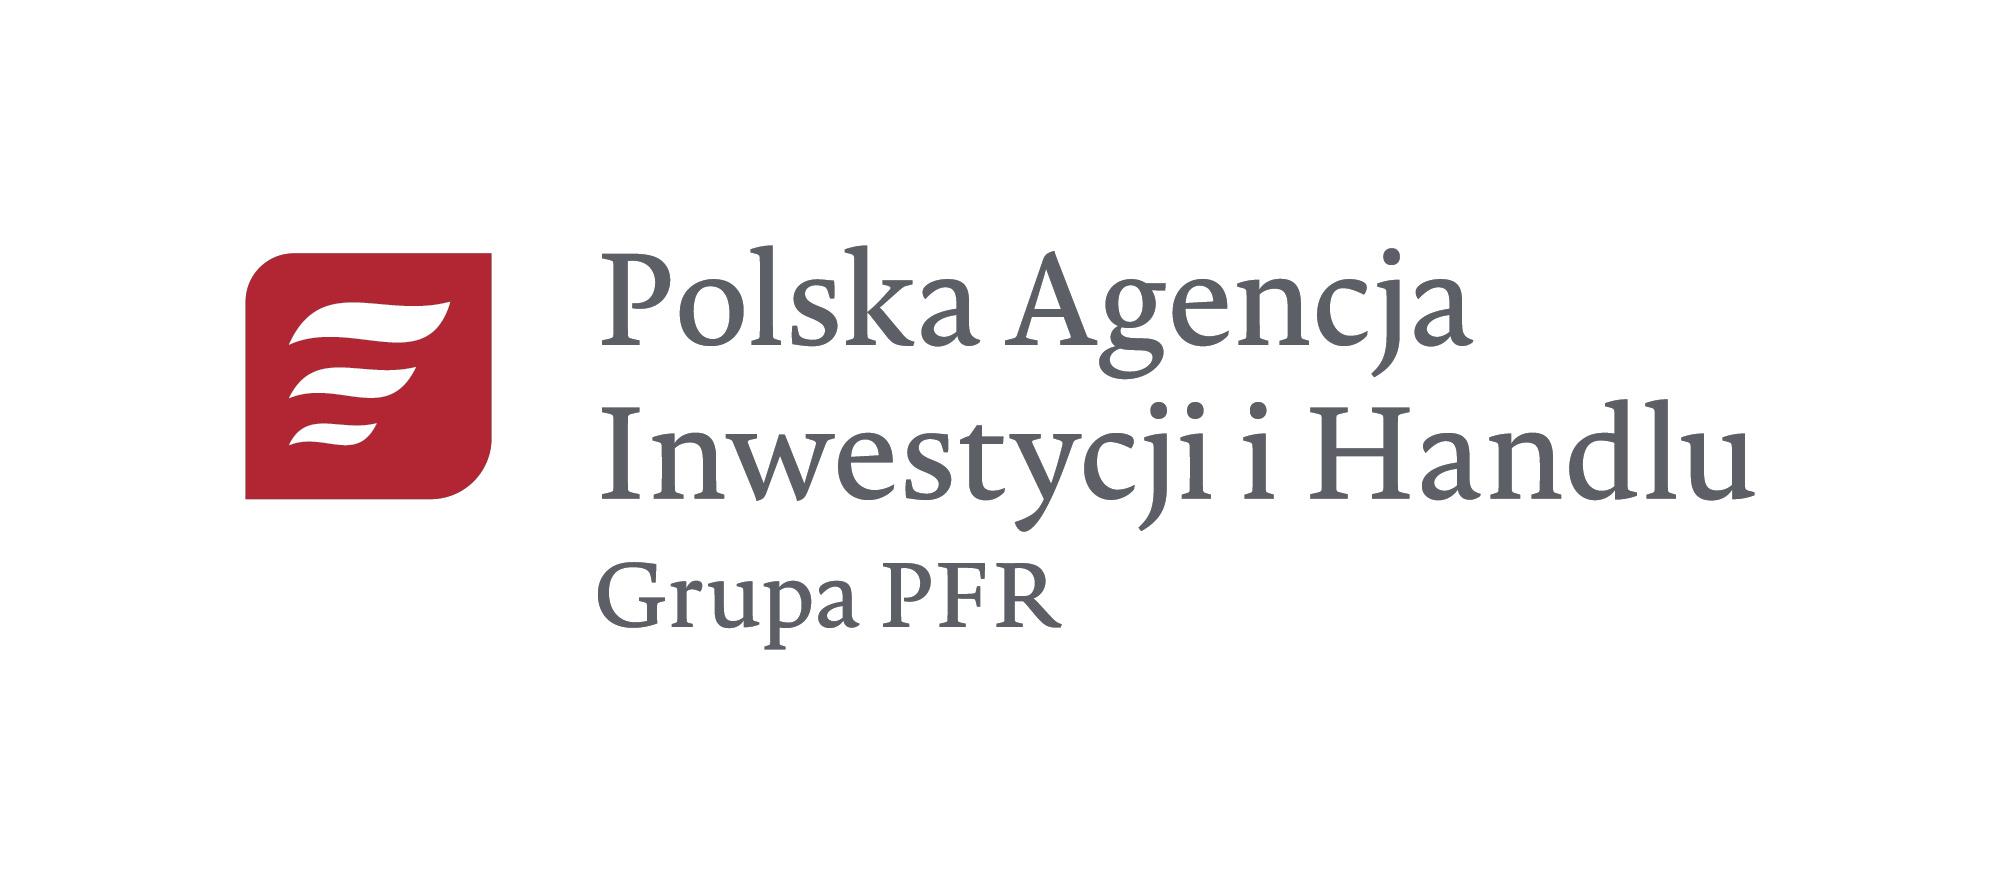 Krzysztof Drynda nowym prezesem Polskiej Agencji Inwestycji i Handlu